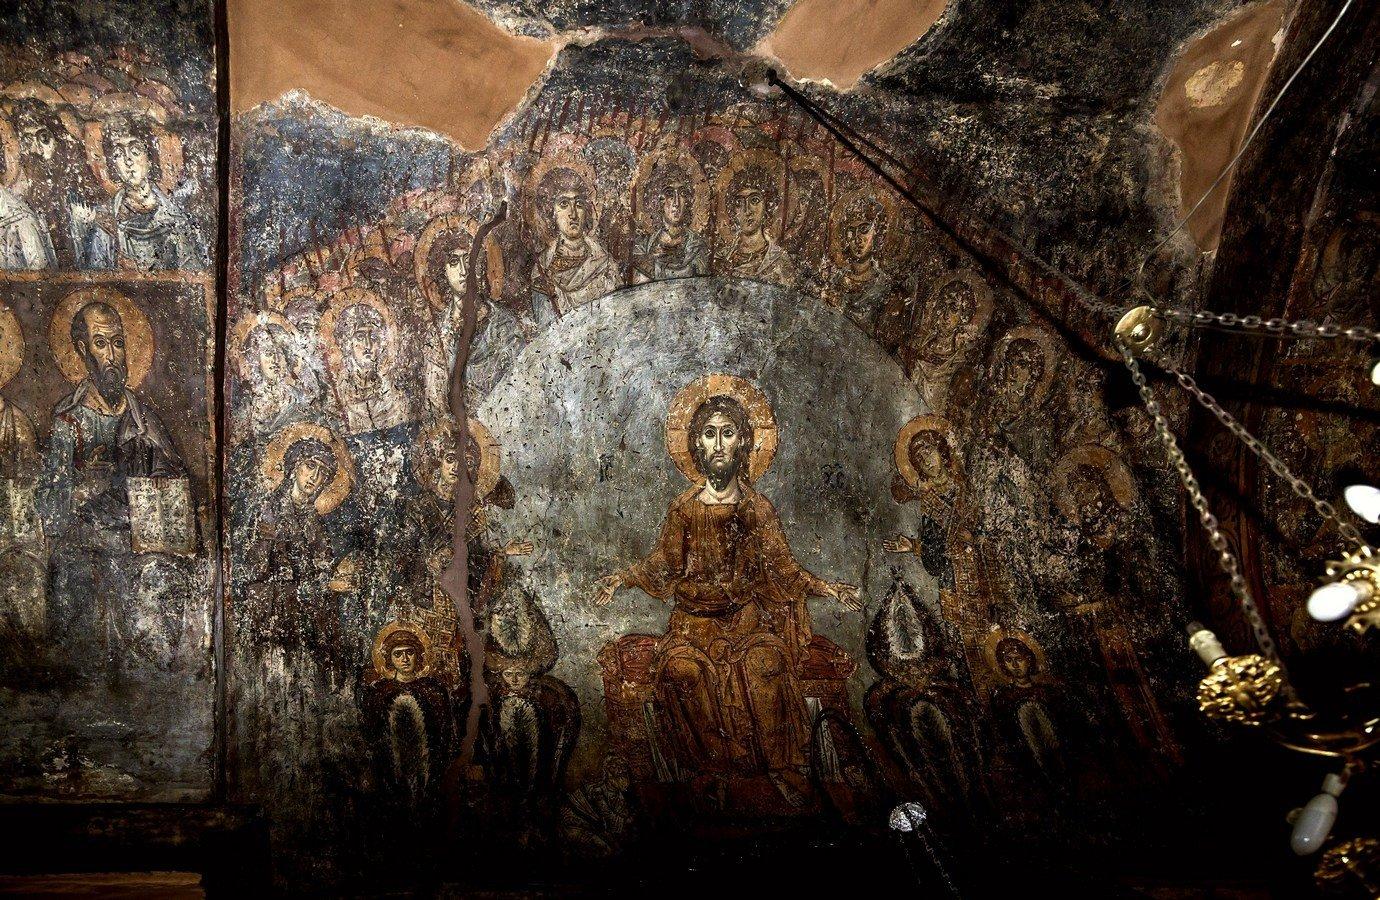 Страшный Суд. Фреска церкви Панагии Халкеон в Салониках, Греция. Около 1028 года.